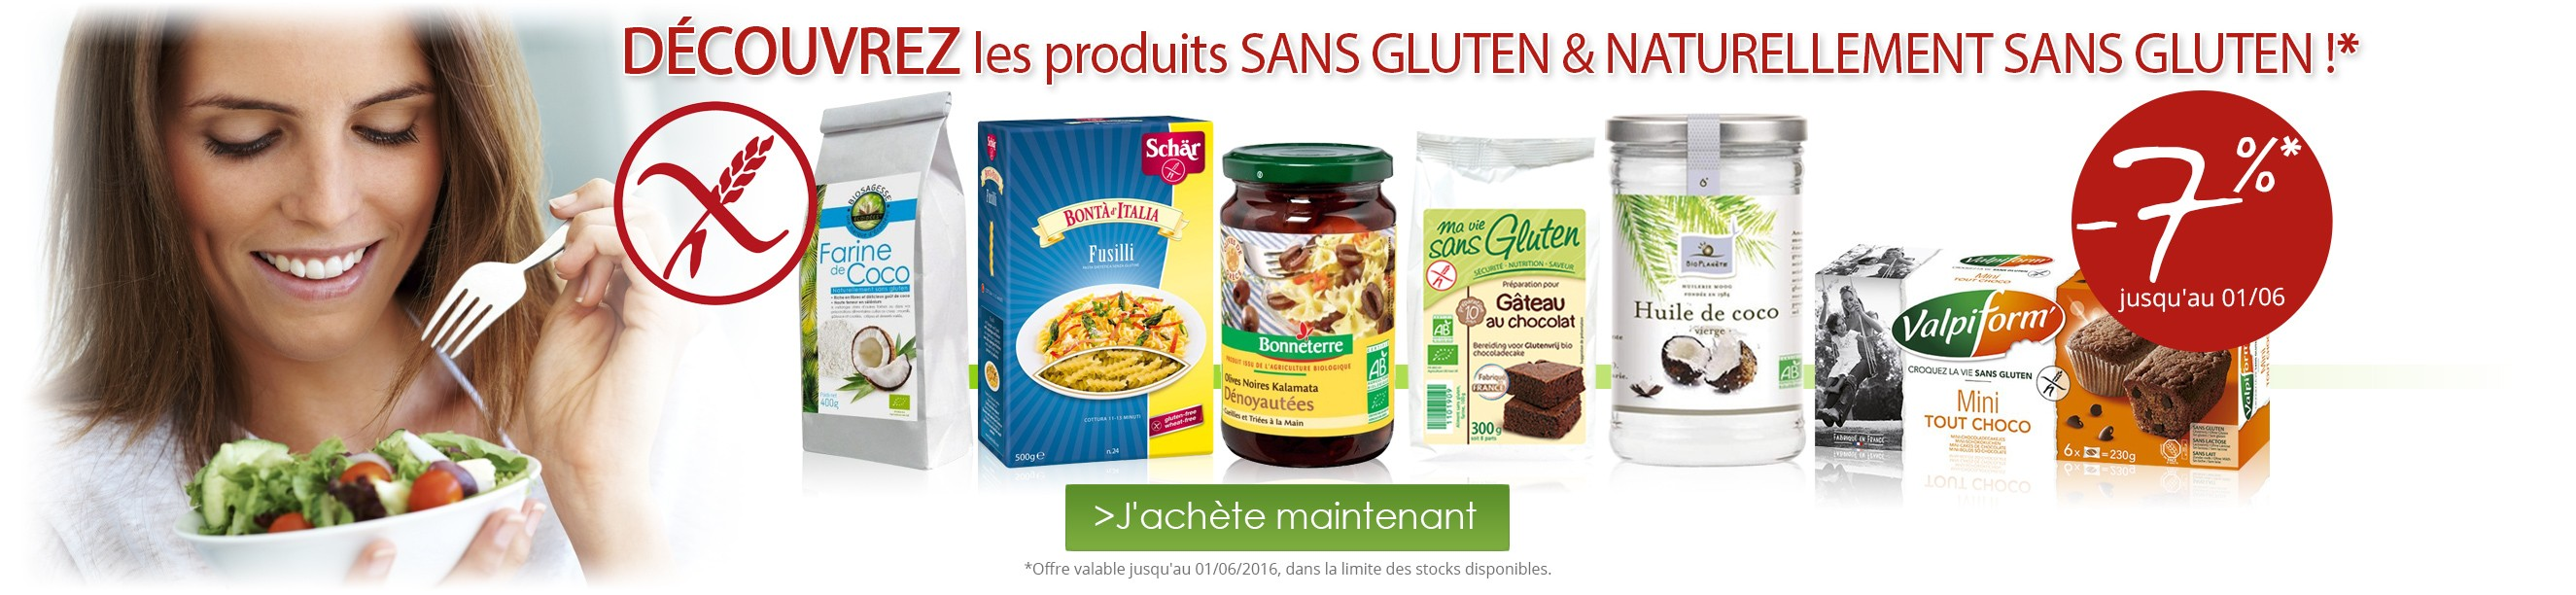 7% de réduction sur le rayon Sans Gluten & Naturellement Sans Gluten !